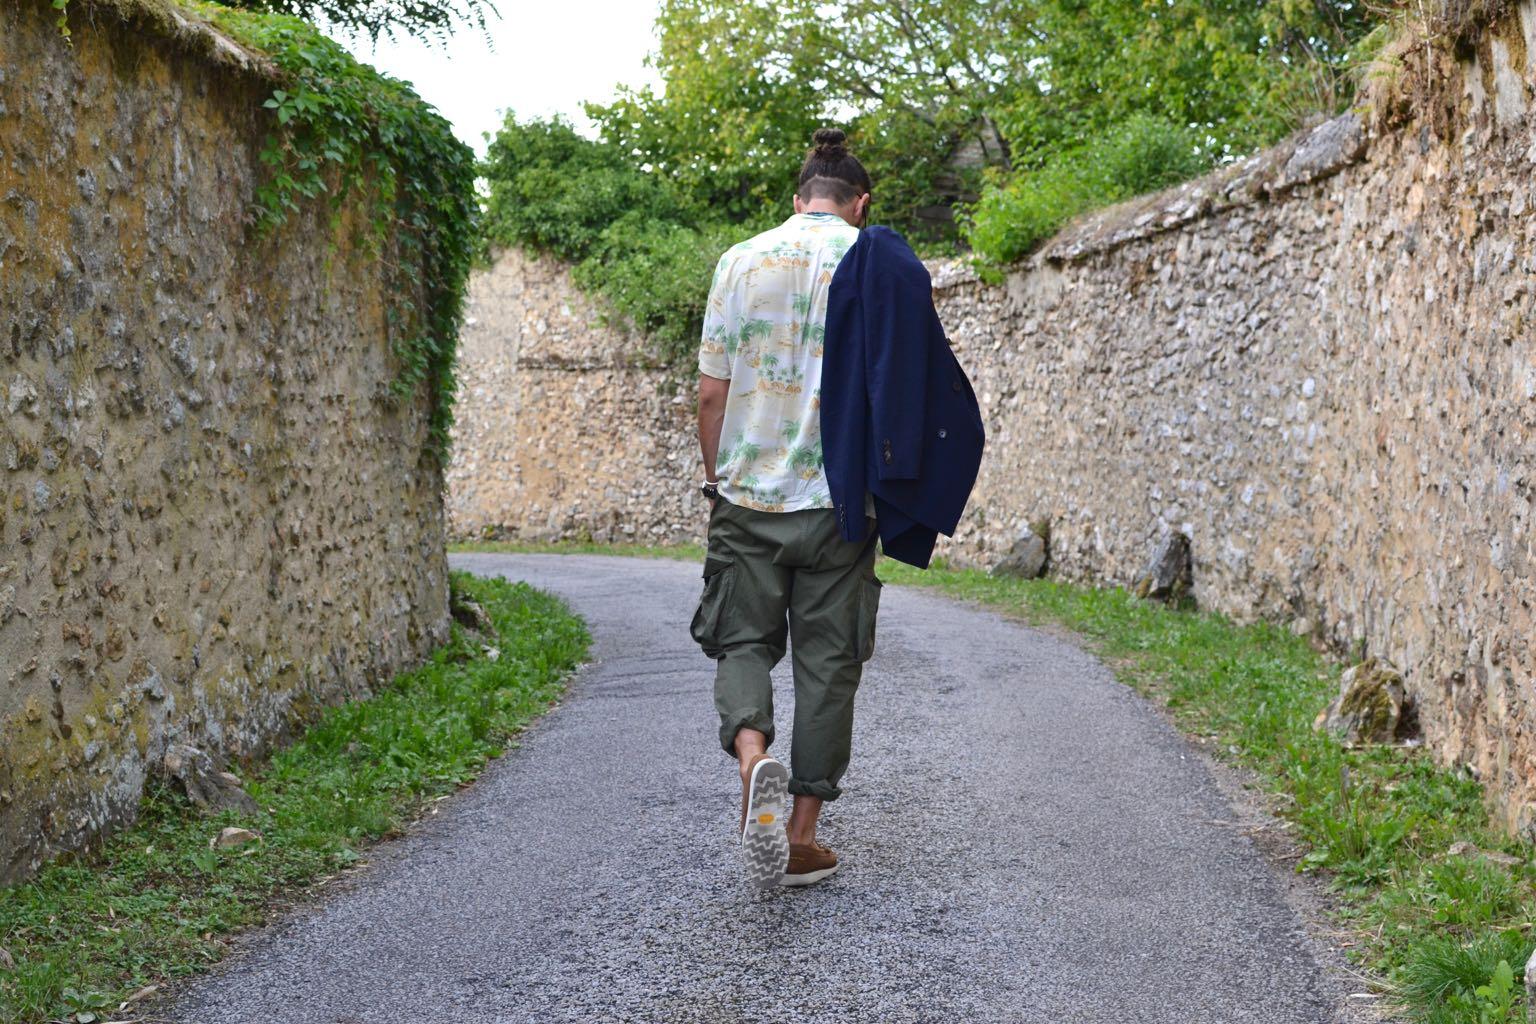 chemisette à fleurs et pantalon cargo, comment le spoter dans un style homme workwear